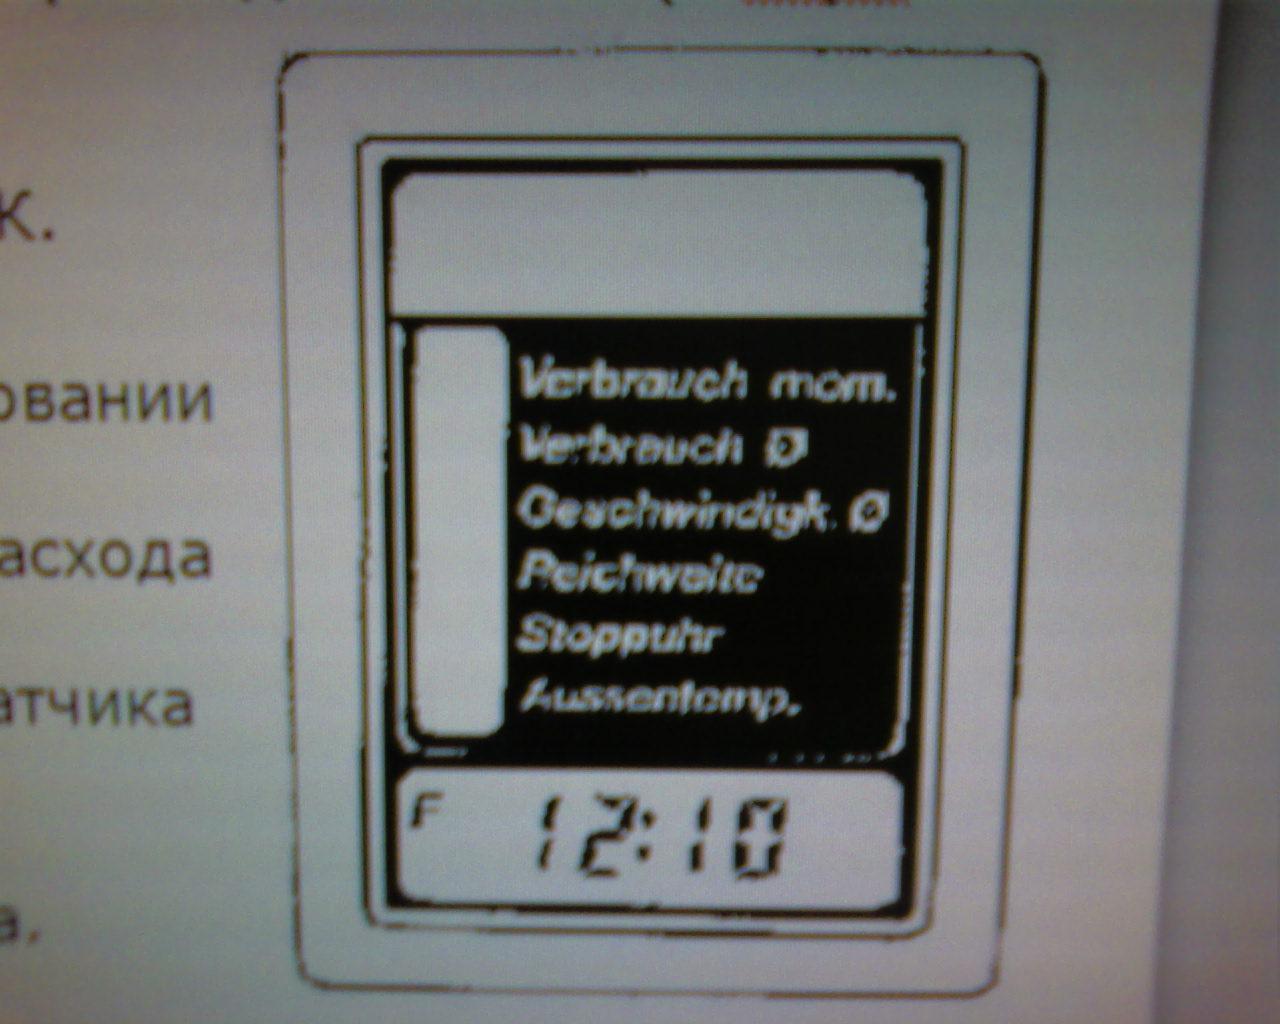 opel omega b расшифровка компьютера